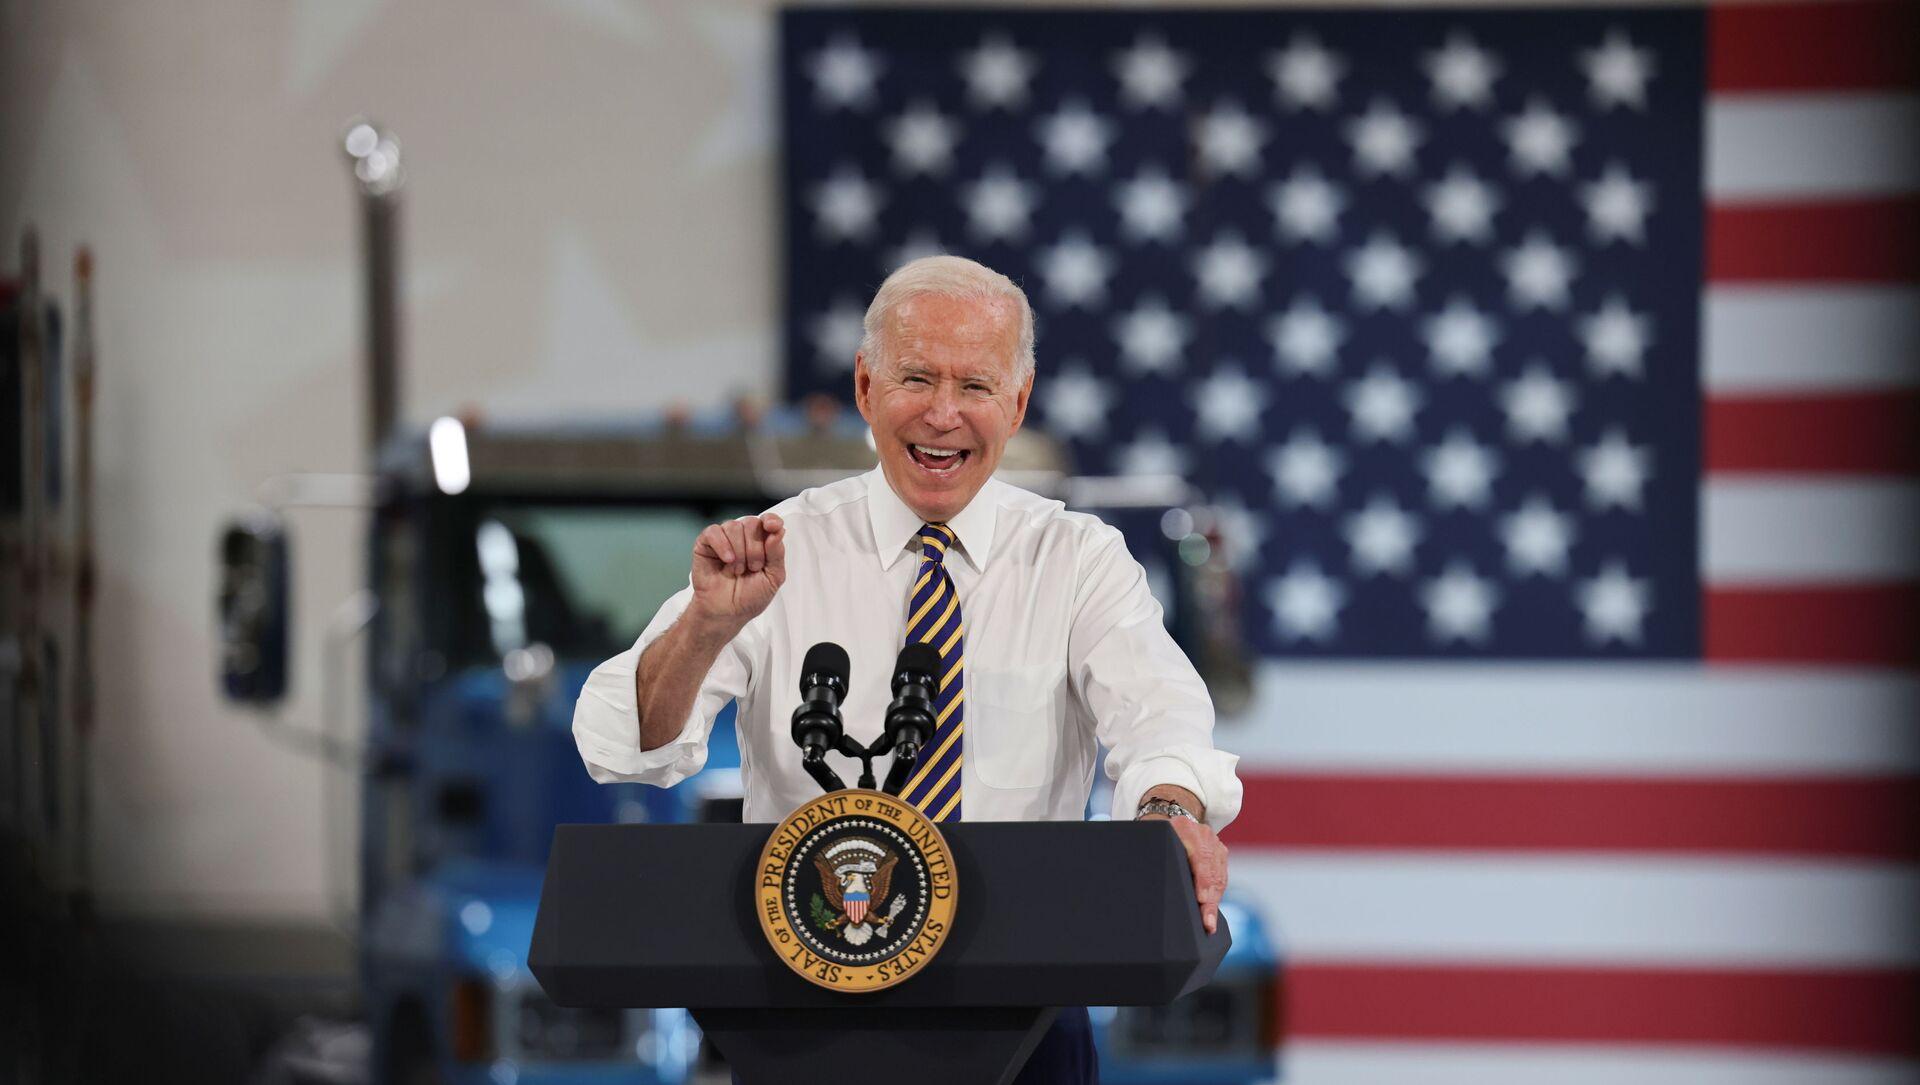 ABD Başkanı Joe Biden, Pensylvania eyaletindeki otomotiv üreticilerini ziyaret ederek konuşma yaptı (28 Temmuz 2021) - Sputnik Türkiye, 1920, 29.07.2021